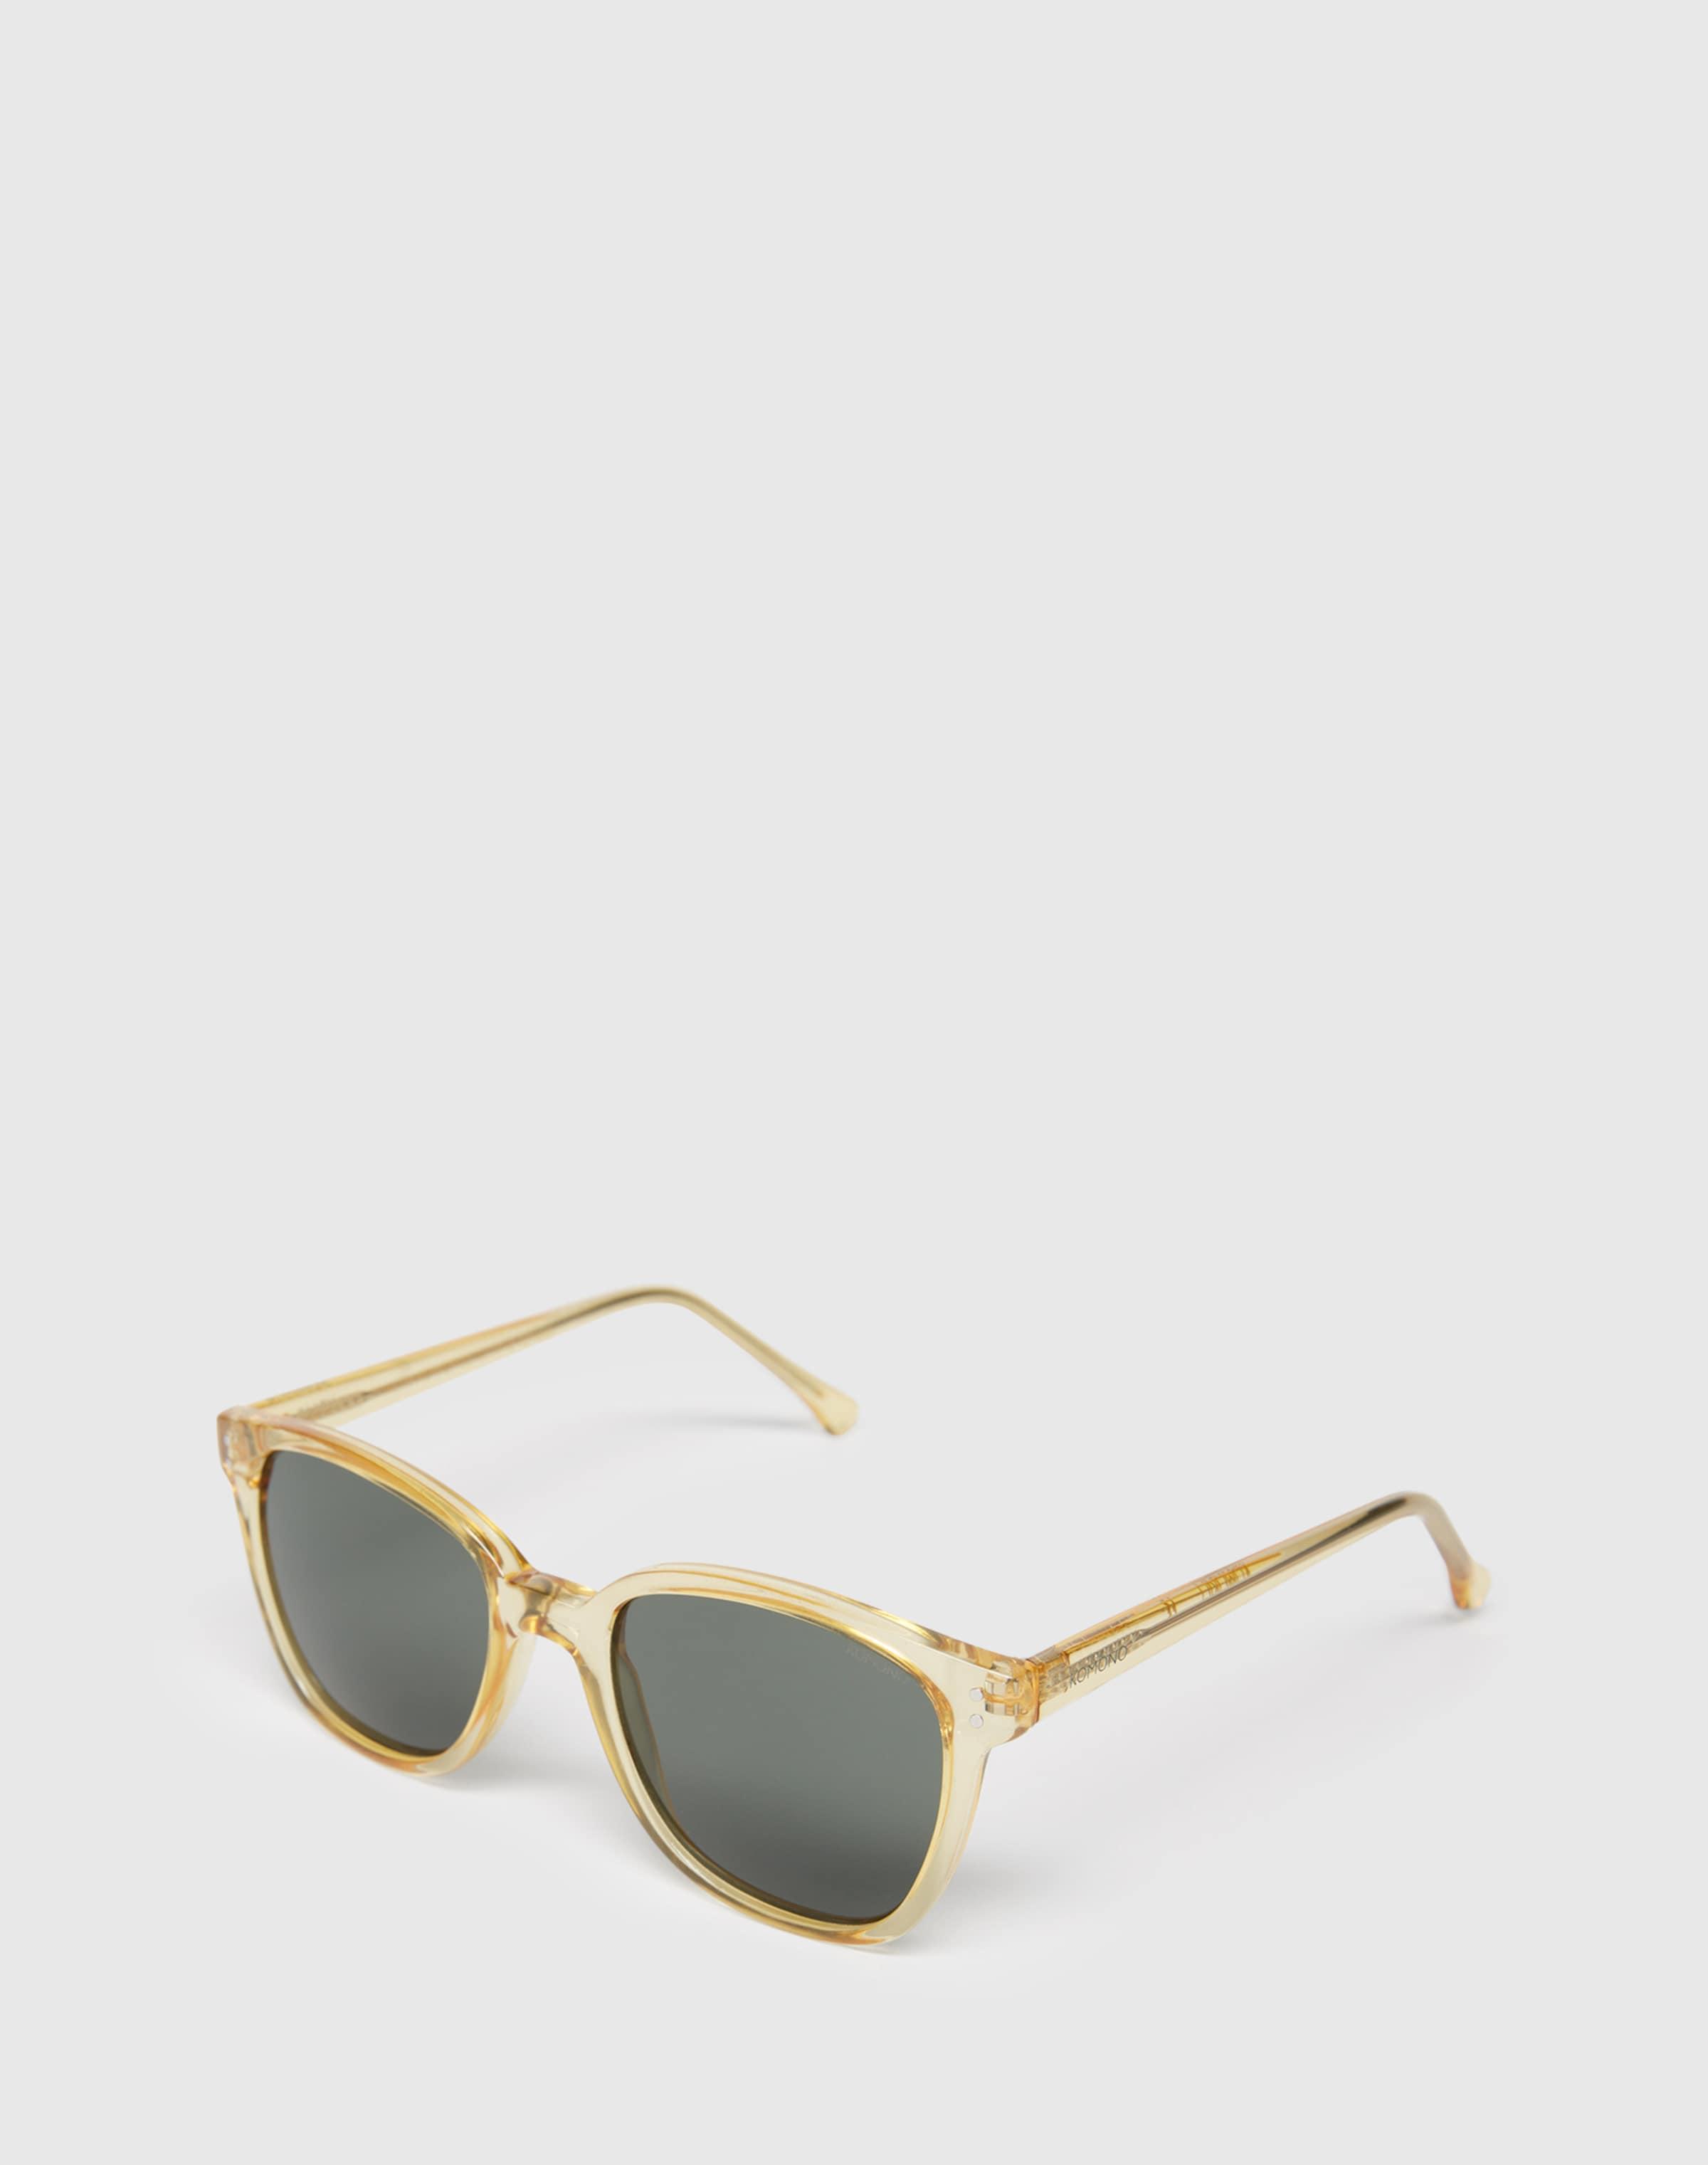 Komono Sonnenbrille 'RENEE' Billig Verkaufen Mode Auslass Zahlung Mit Visa Großhandelspreis Online Mode Online 5945ZmjwJ3